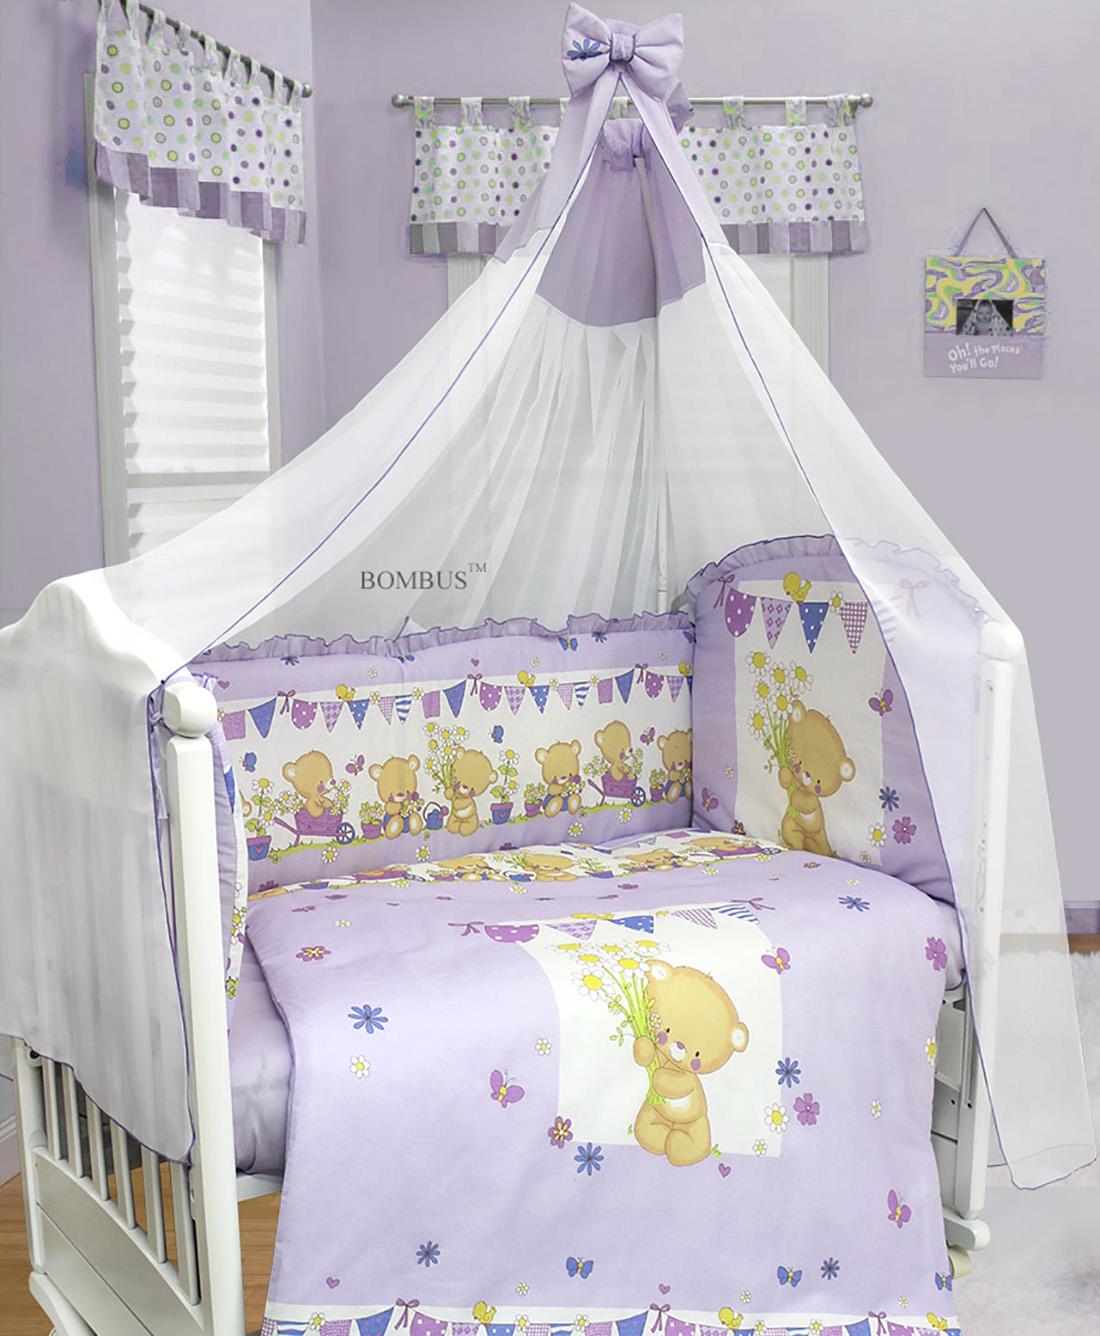 Комплект в кроватку - МишаняДетское постельное белье<br>Комплект в кроватку - Мишаня<br>